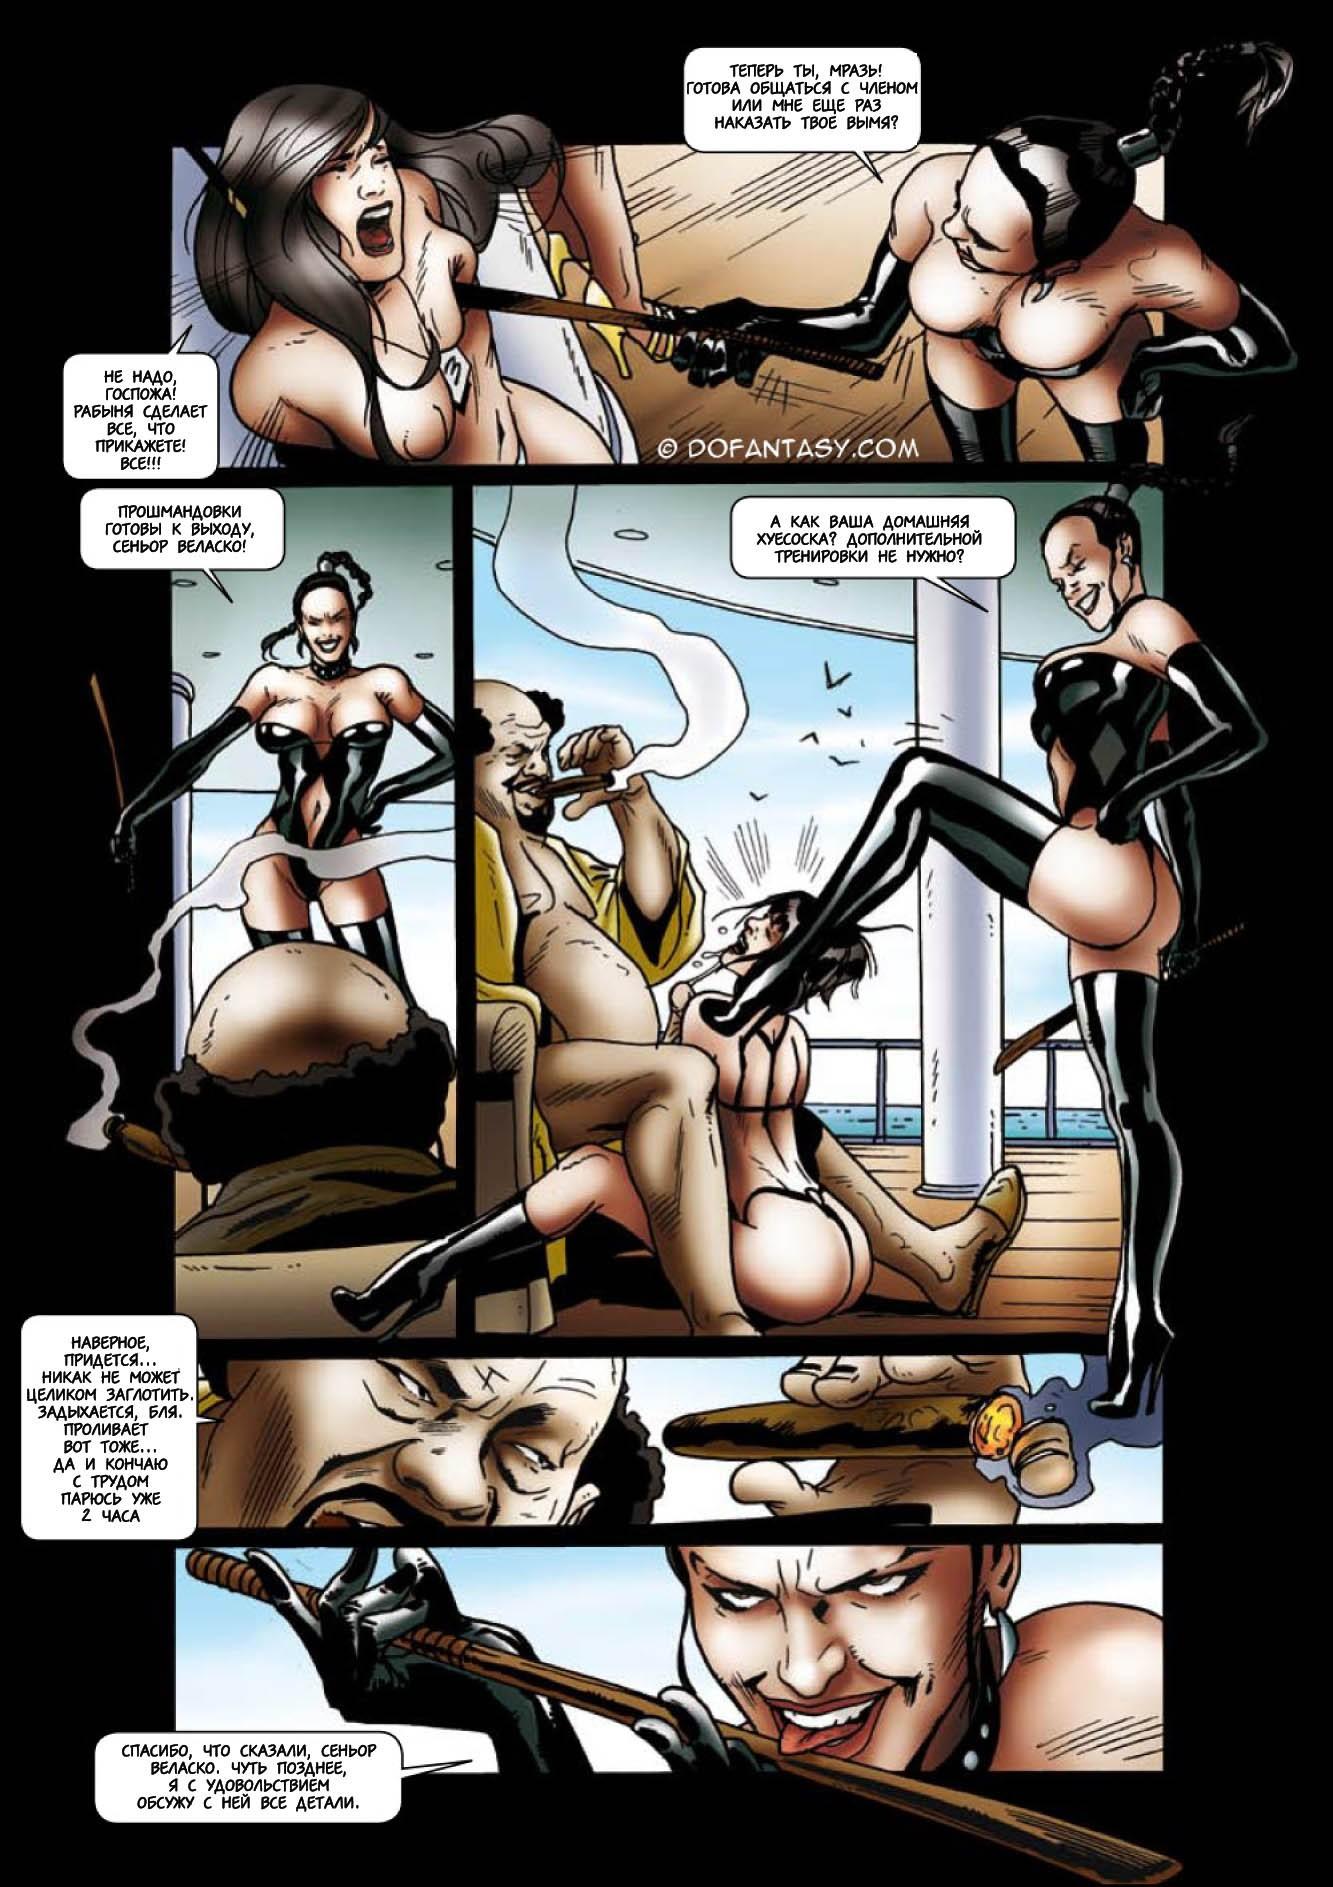 просмотр порно комиксов на русском